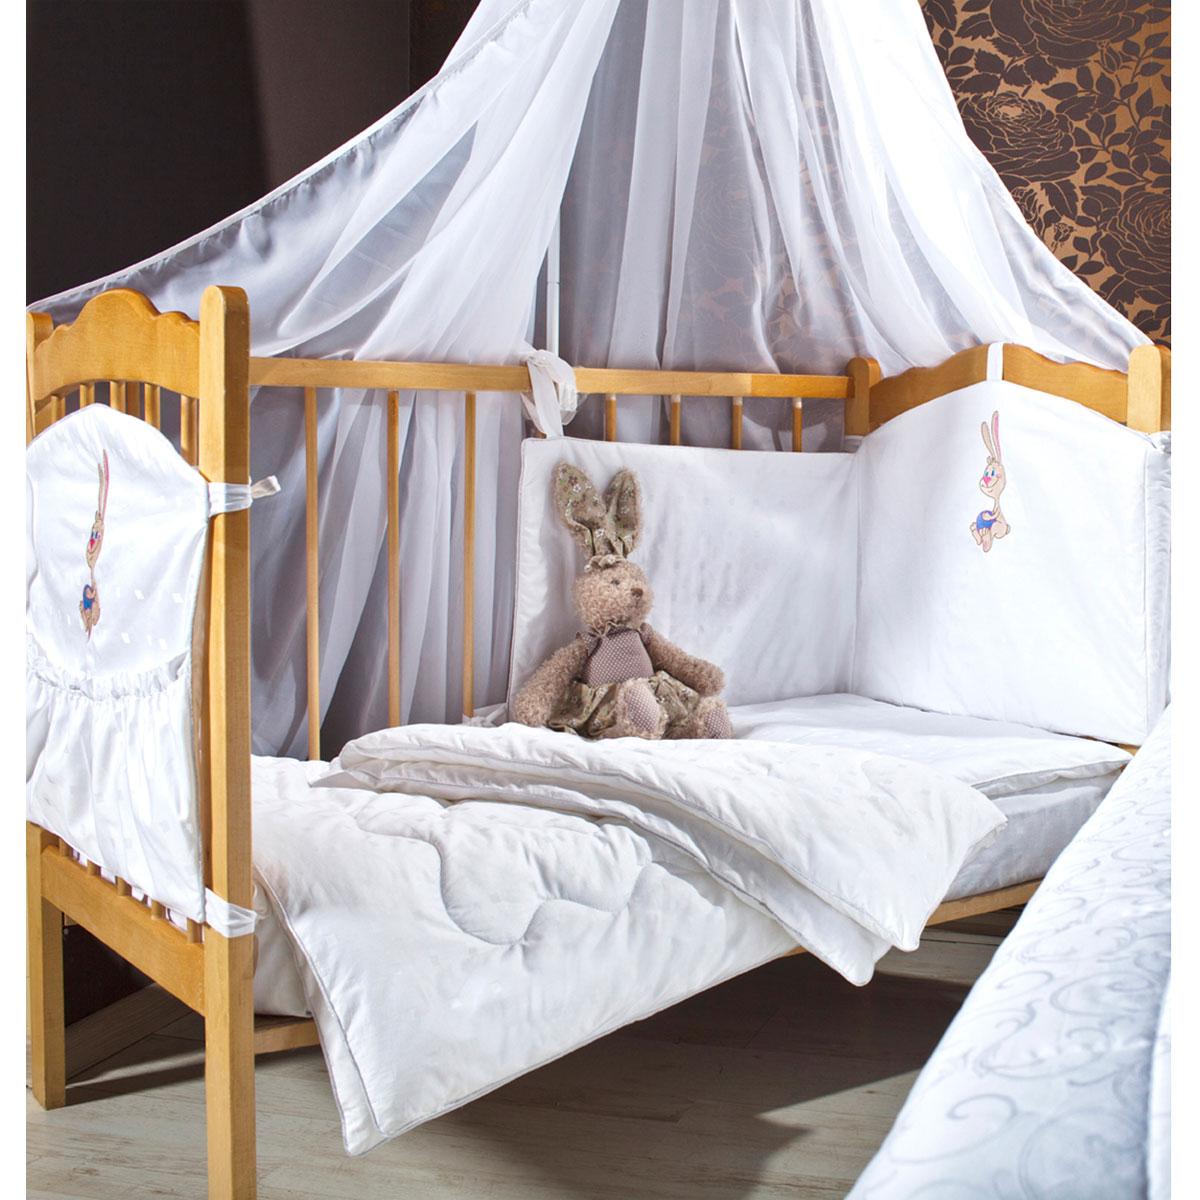 Комплект в кроватку Primavelle Lovely, цвет: розовый, 5 предметов411601842-3126вlКомплект в кроватку Primavelle Lovely прекрасно подойдет для кроватки вашего малыша, добавит комнате уюта и согреет в прохладные дни. В качестве материала верха использован натуральный 100% хлопок. Мягкая ткань не раздражает чувствительную и нежную кожу ребенка и хорошо вентилируется. Подушка и одеяло наполнены гипоаллергенным бамбуковым волокном. Бамбук является природным антисептиком, обладающим уникальными антибактериальными и дезодорирующими свойствами. Бортики наполнены экофайбером, который не впитывает запах и пыль. Балдахин выполнен из легкой прозрачной вуали. В комплекте - удобный карман на кроватку для всех необходимых вещей. Очень важно, чтобы ваш малыш хорошо спал - это залог его здоровья, а значит вашего спокойствия. Комплект Primavelle Lovely идеально подойдет для кроватки вашего малыша. На нем ваш кроха будет спать здоровым и крепким сном. Комплектация: - бортик (180 см х 46 см); - балдахин (420 см х 160 см); -...